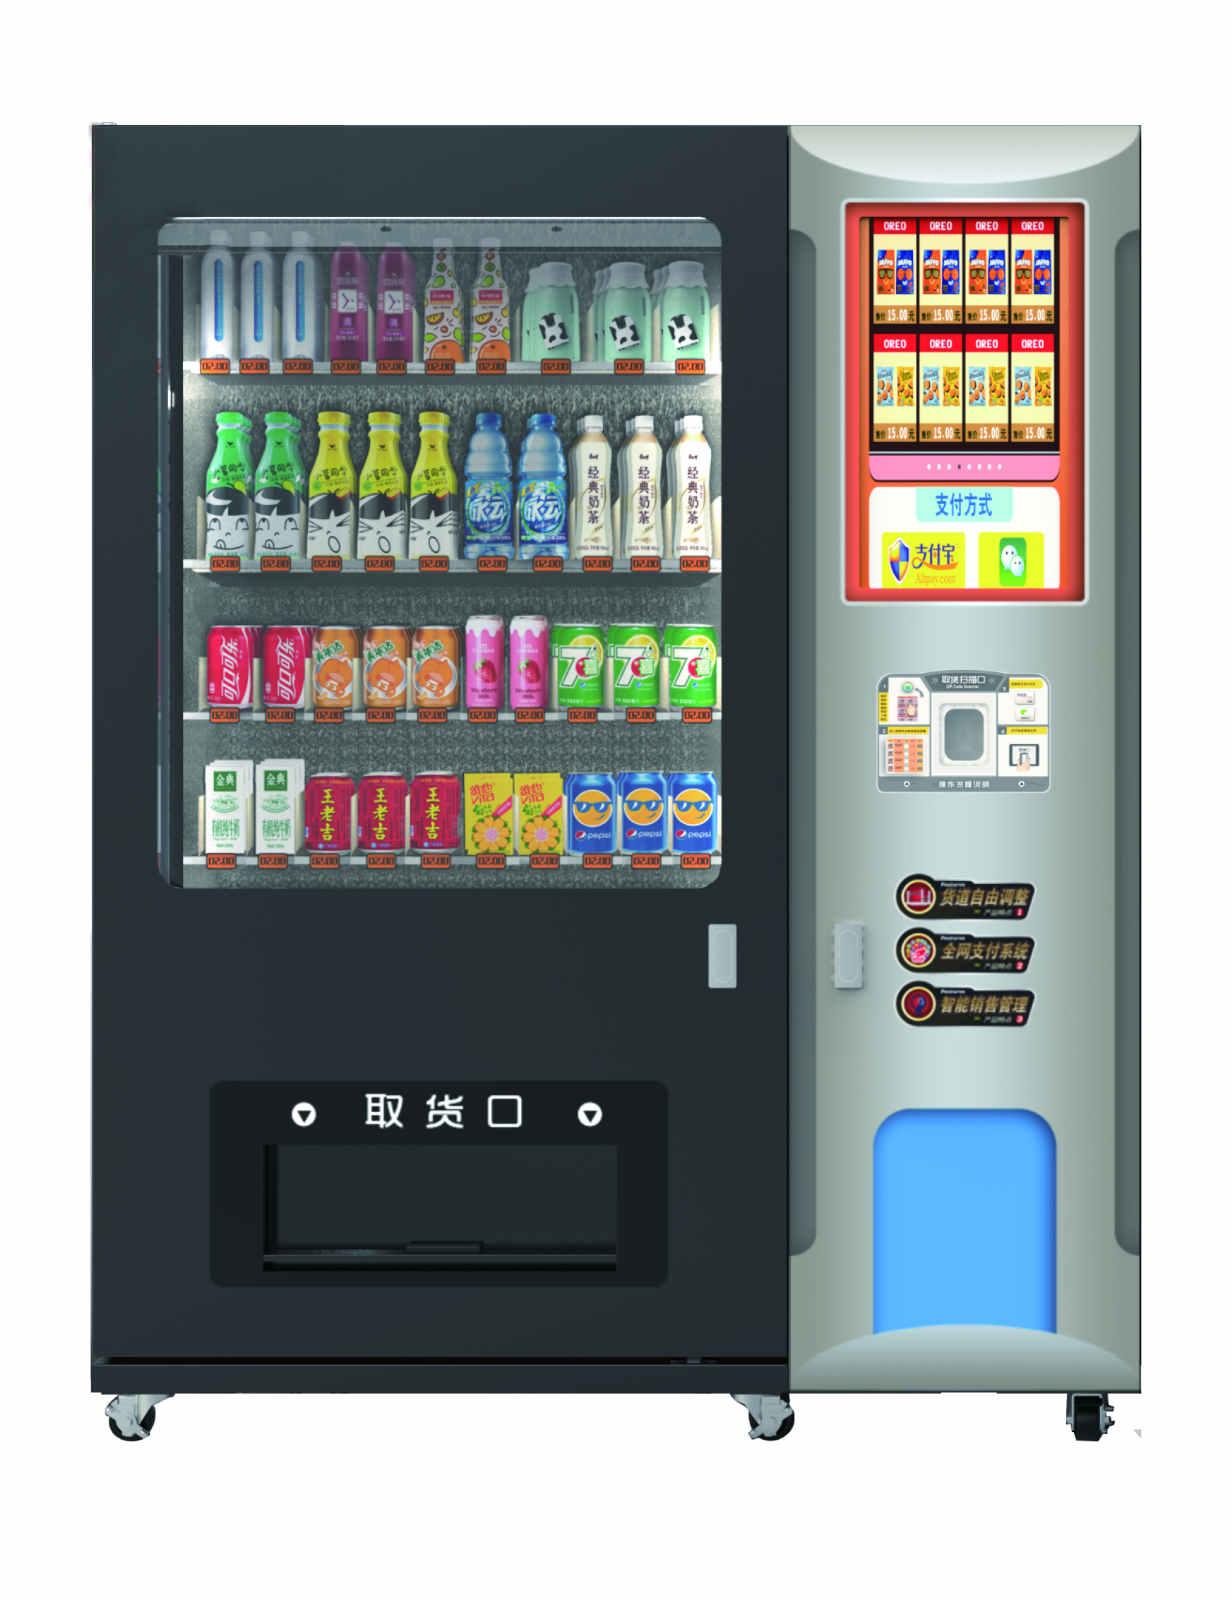 富雷批发销售红酒食品饮料自动售货机